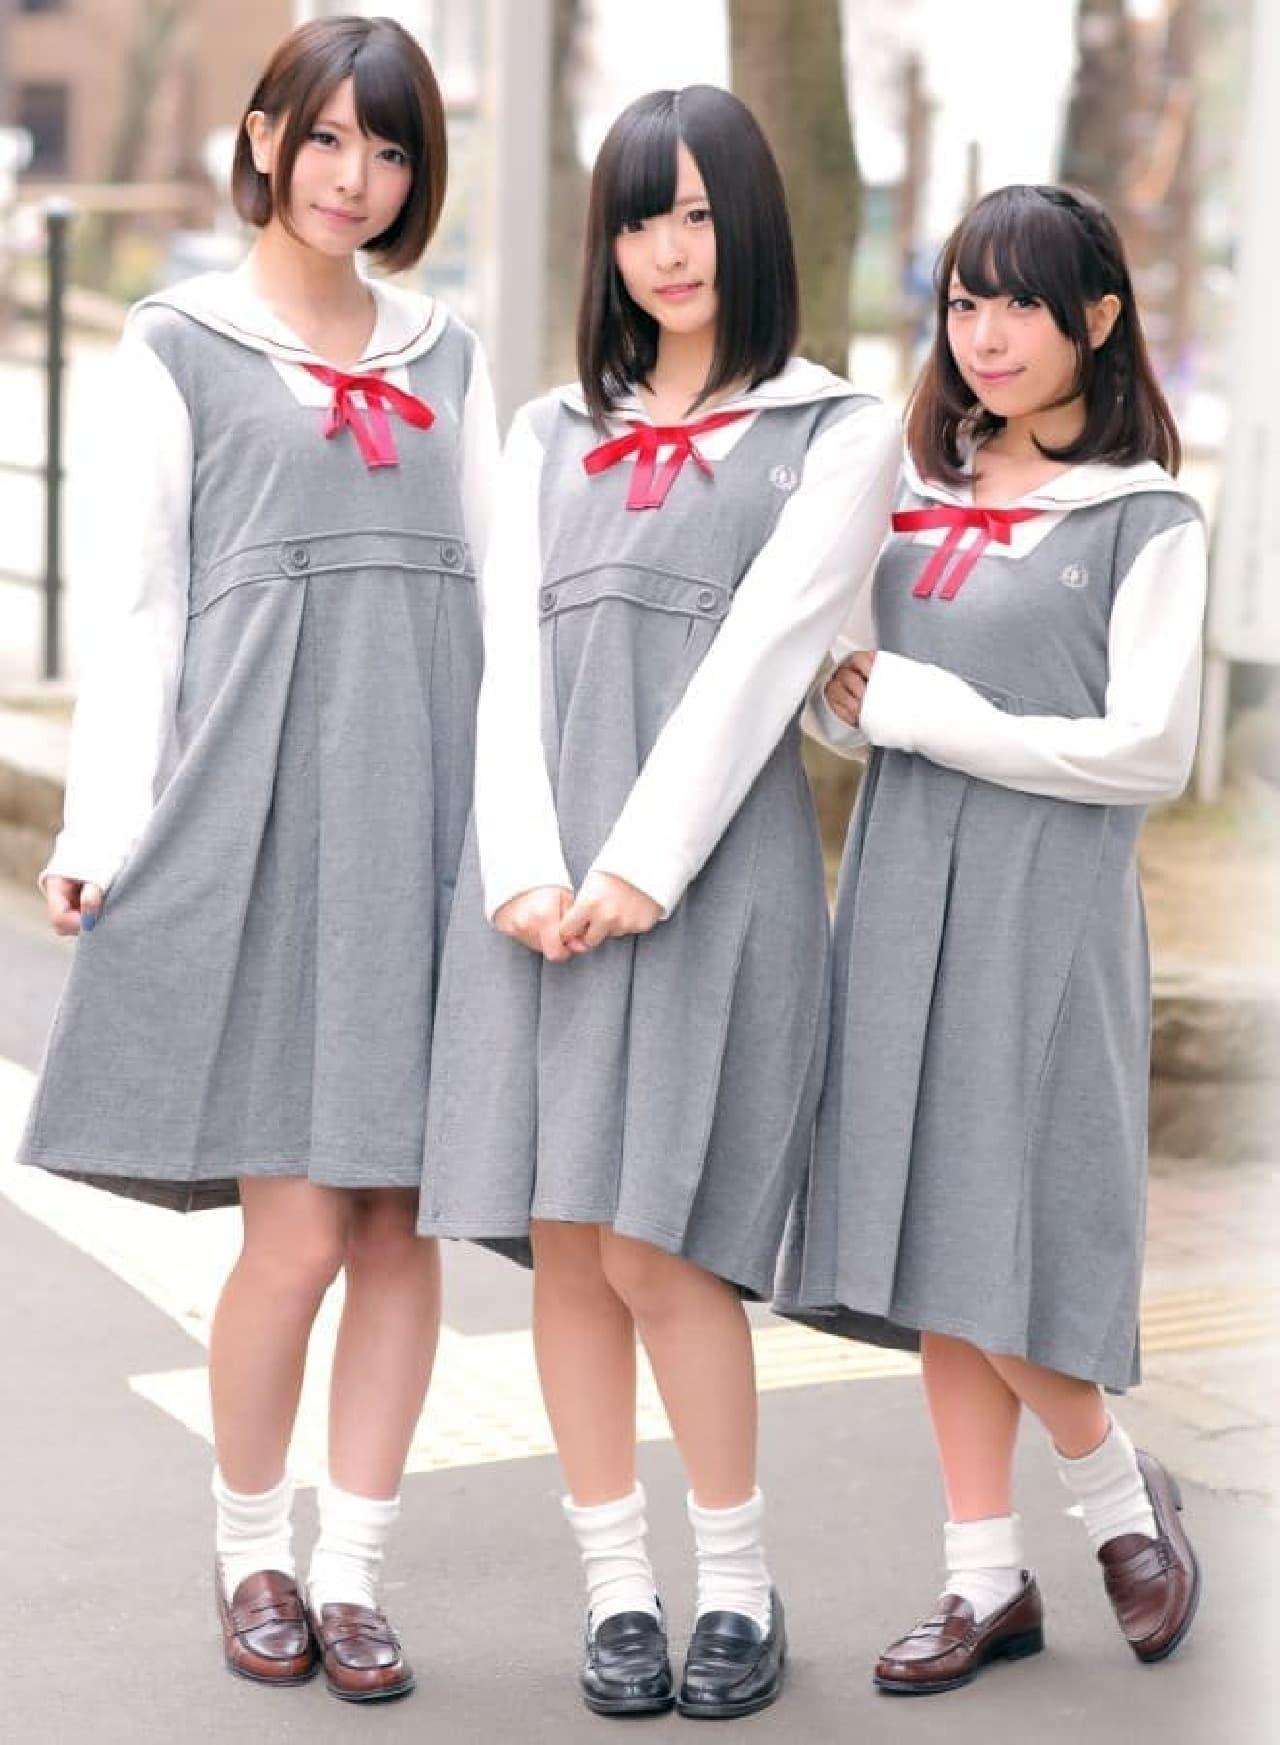 セーラー服パジャマ「セラコレ」に2017年モデル登場